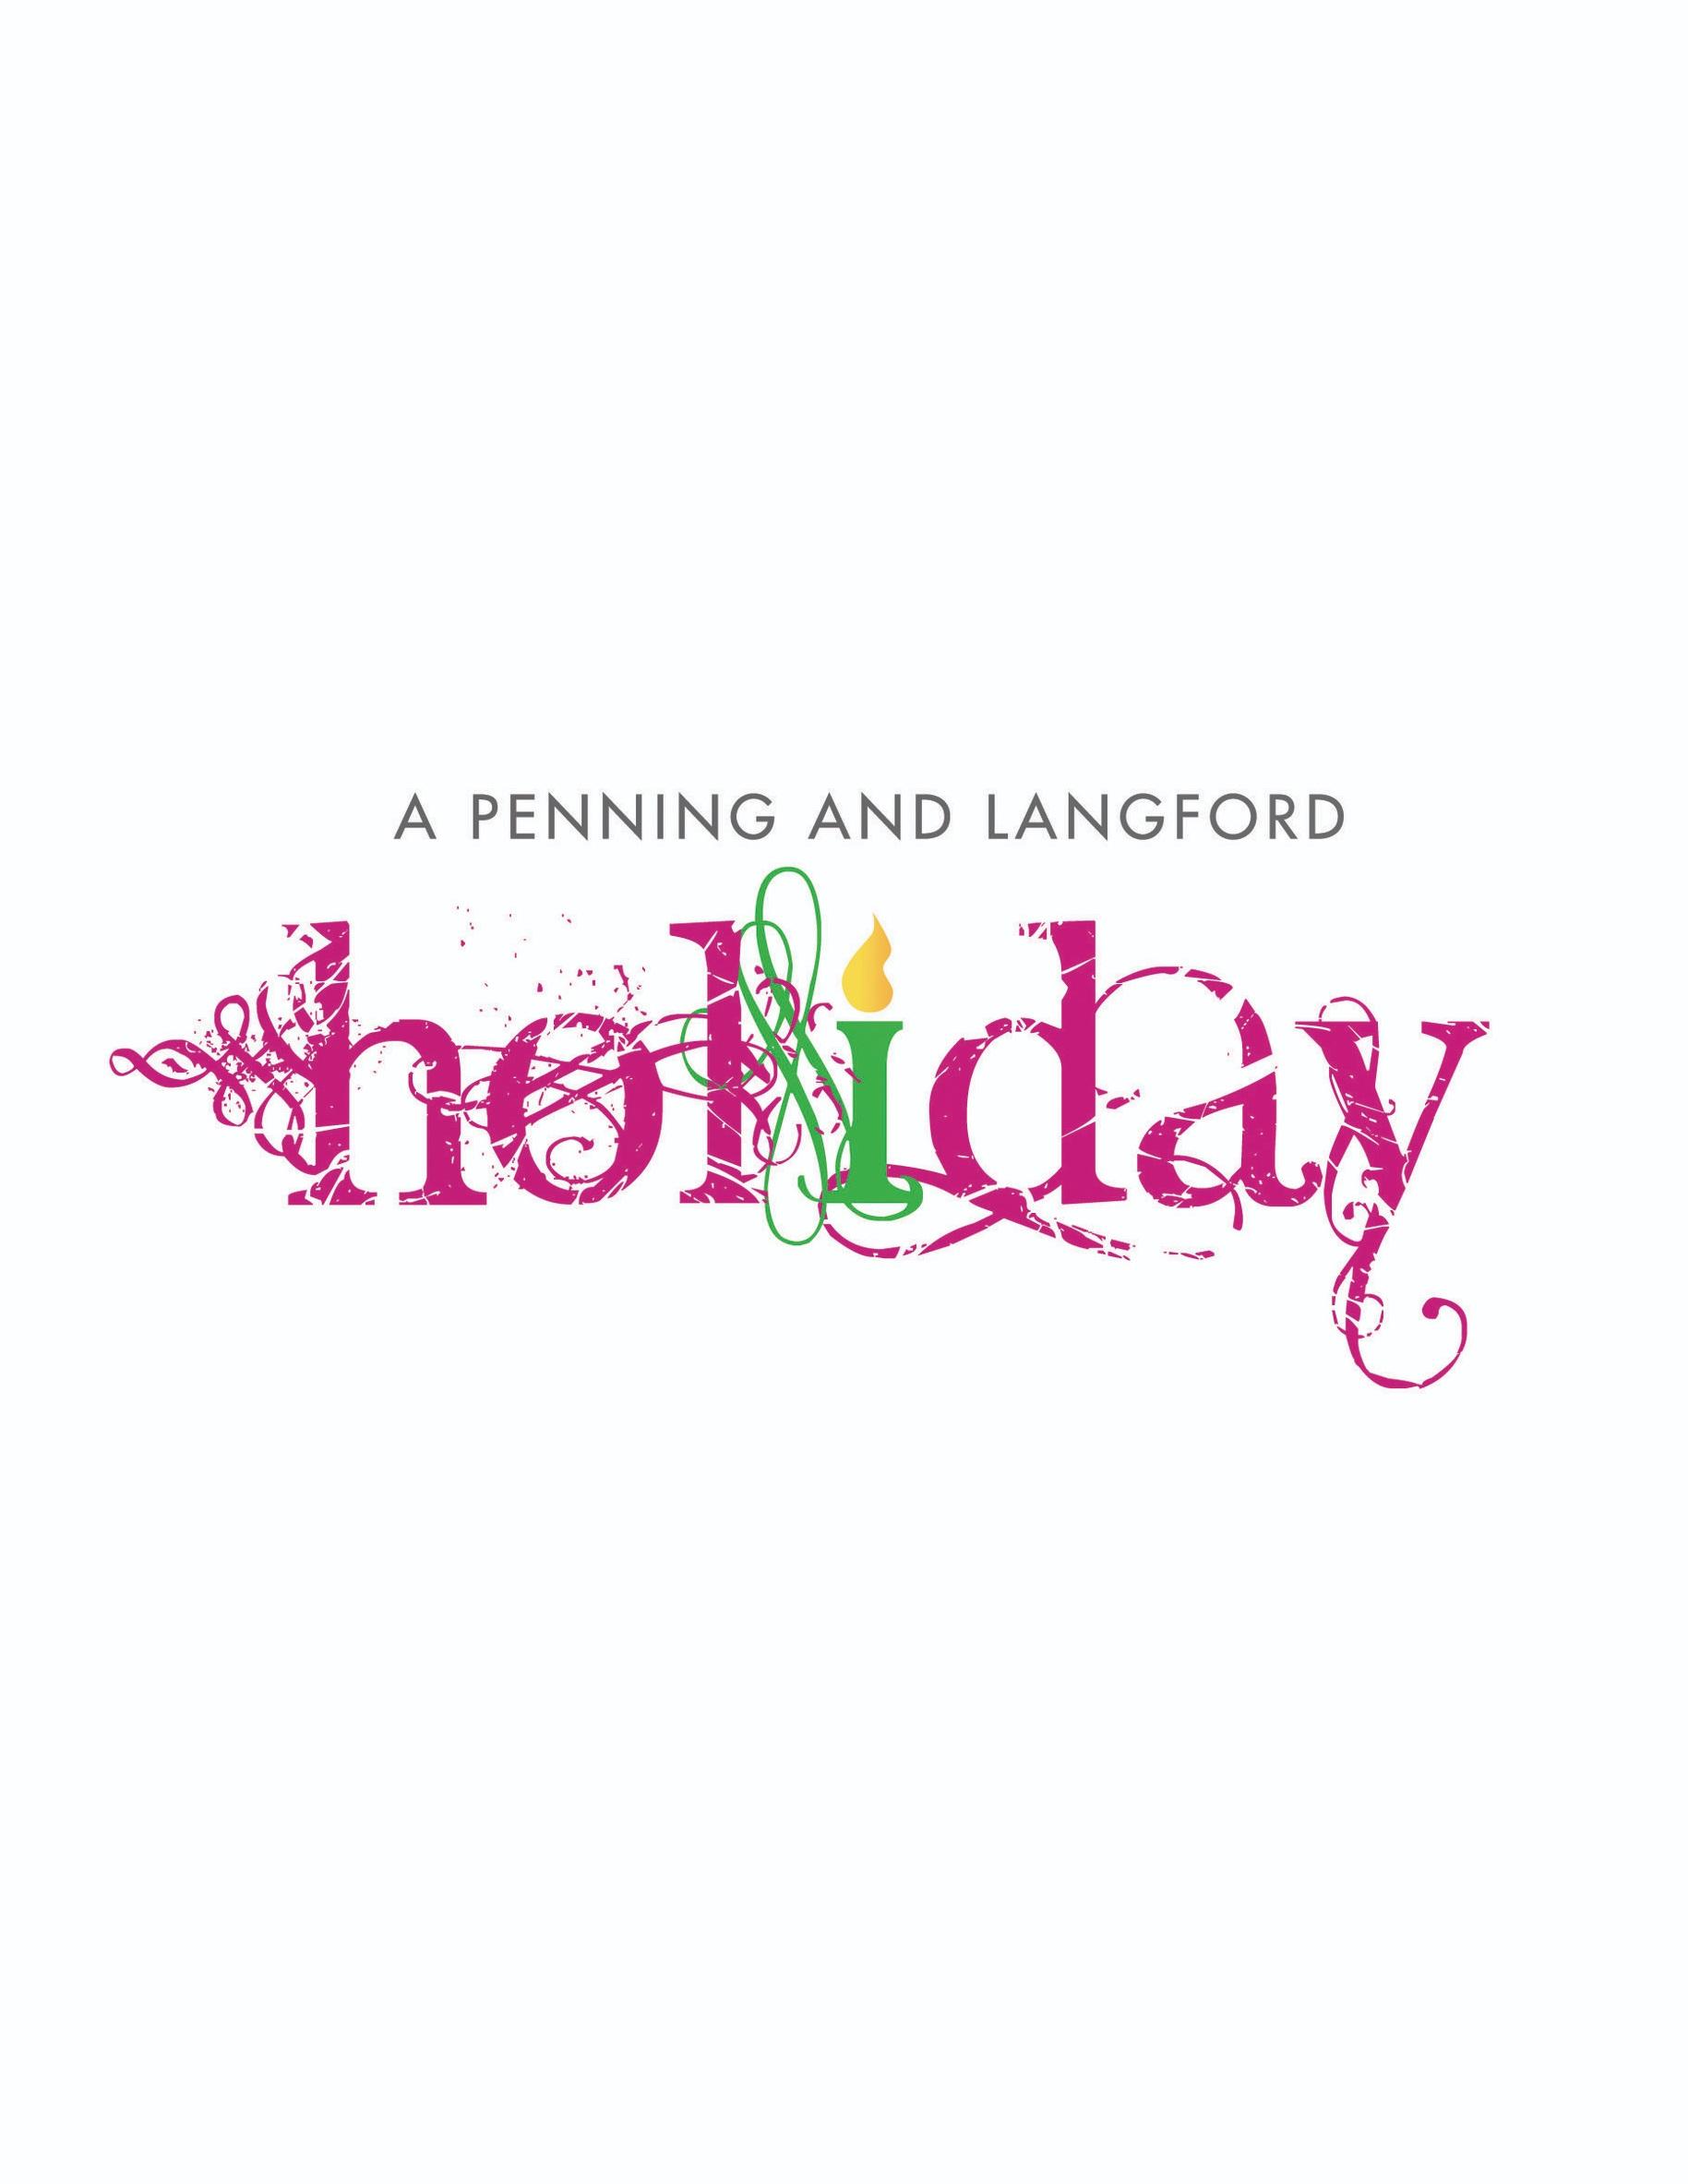 PL+Holiday+logo.jpg